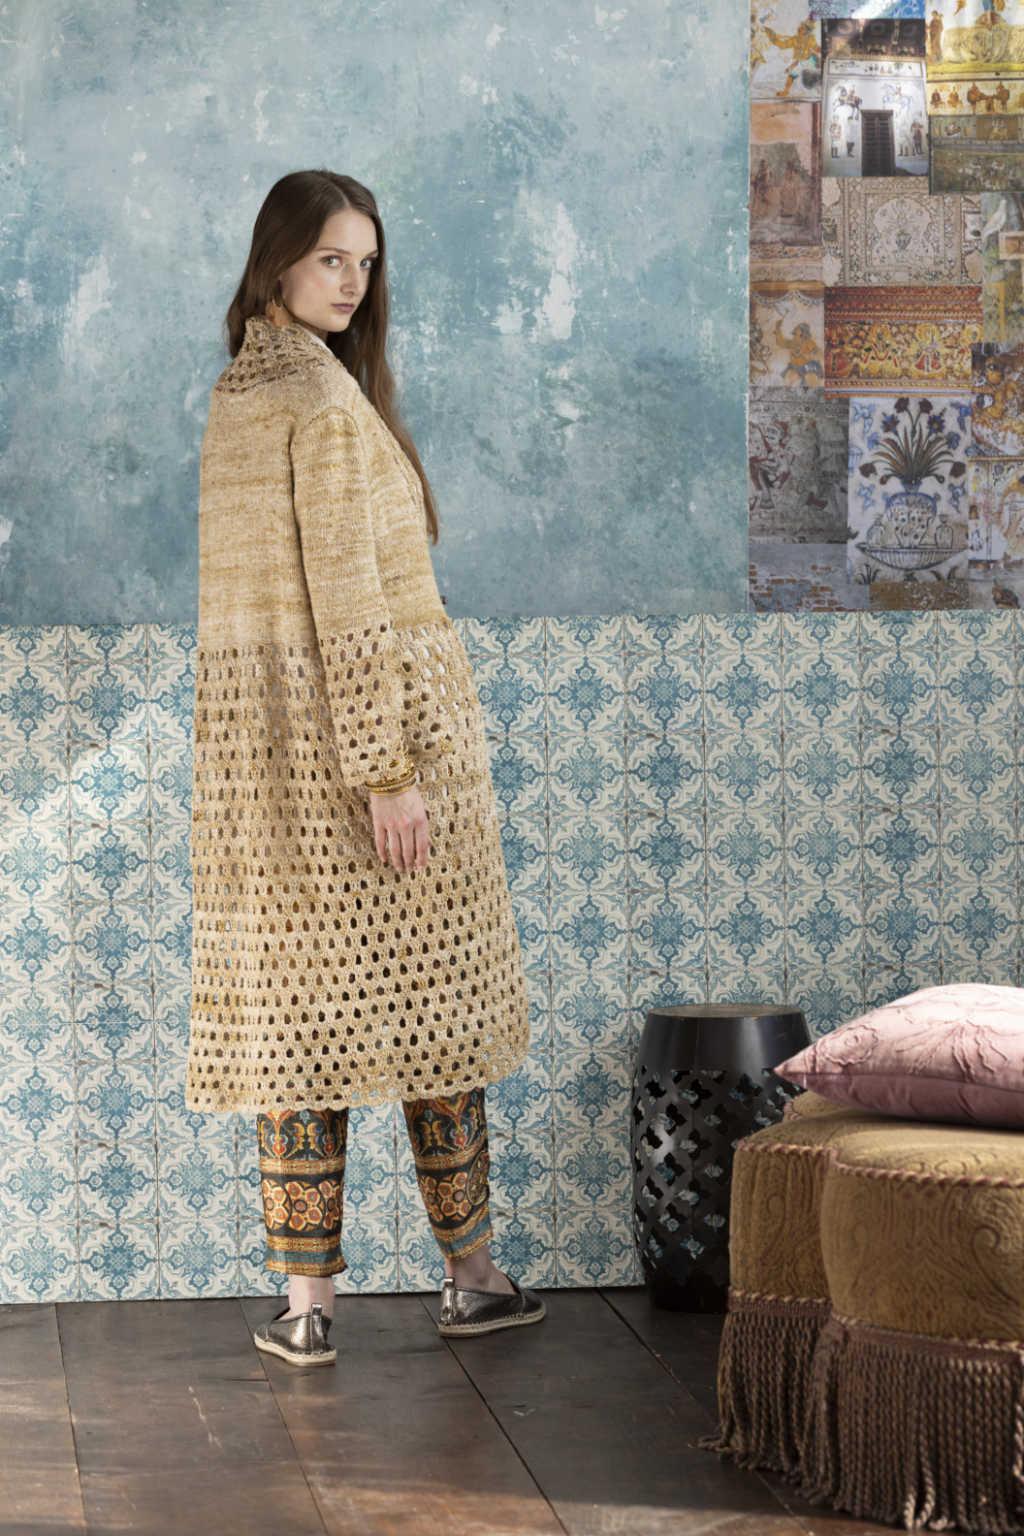 Seitlich-rückwärtige Ansicht des Knit & Crochet Coat by Katrin Walter aus Noro Kumo #15. Foto: Noro Magazine 16